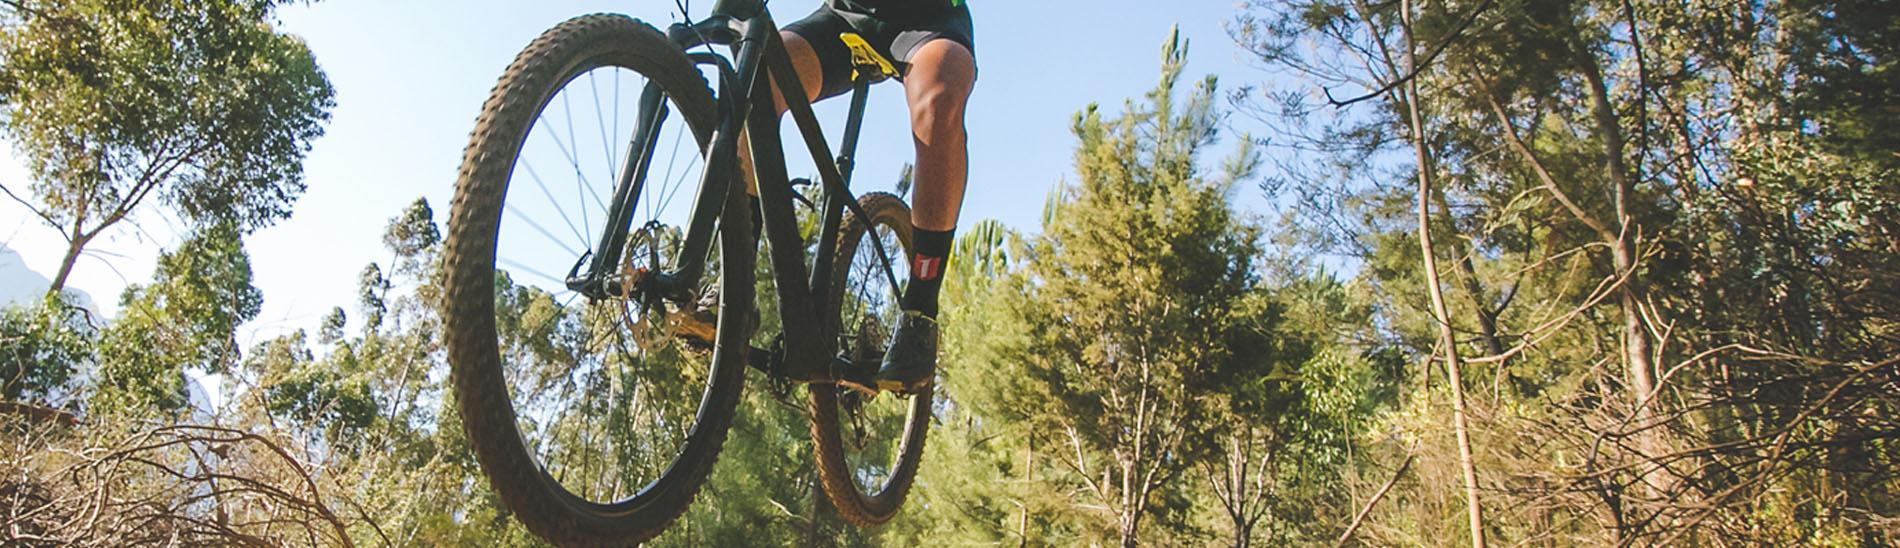 Abogados para accidentes de bicicleta en Córdoba